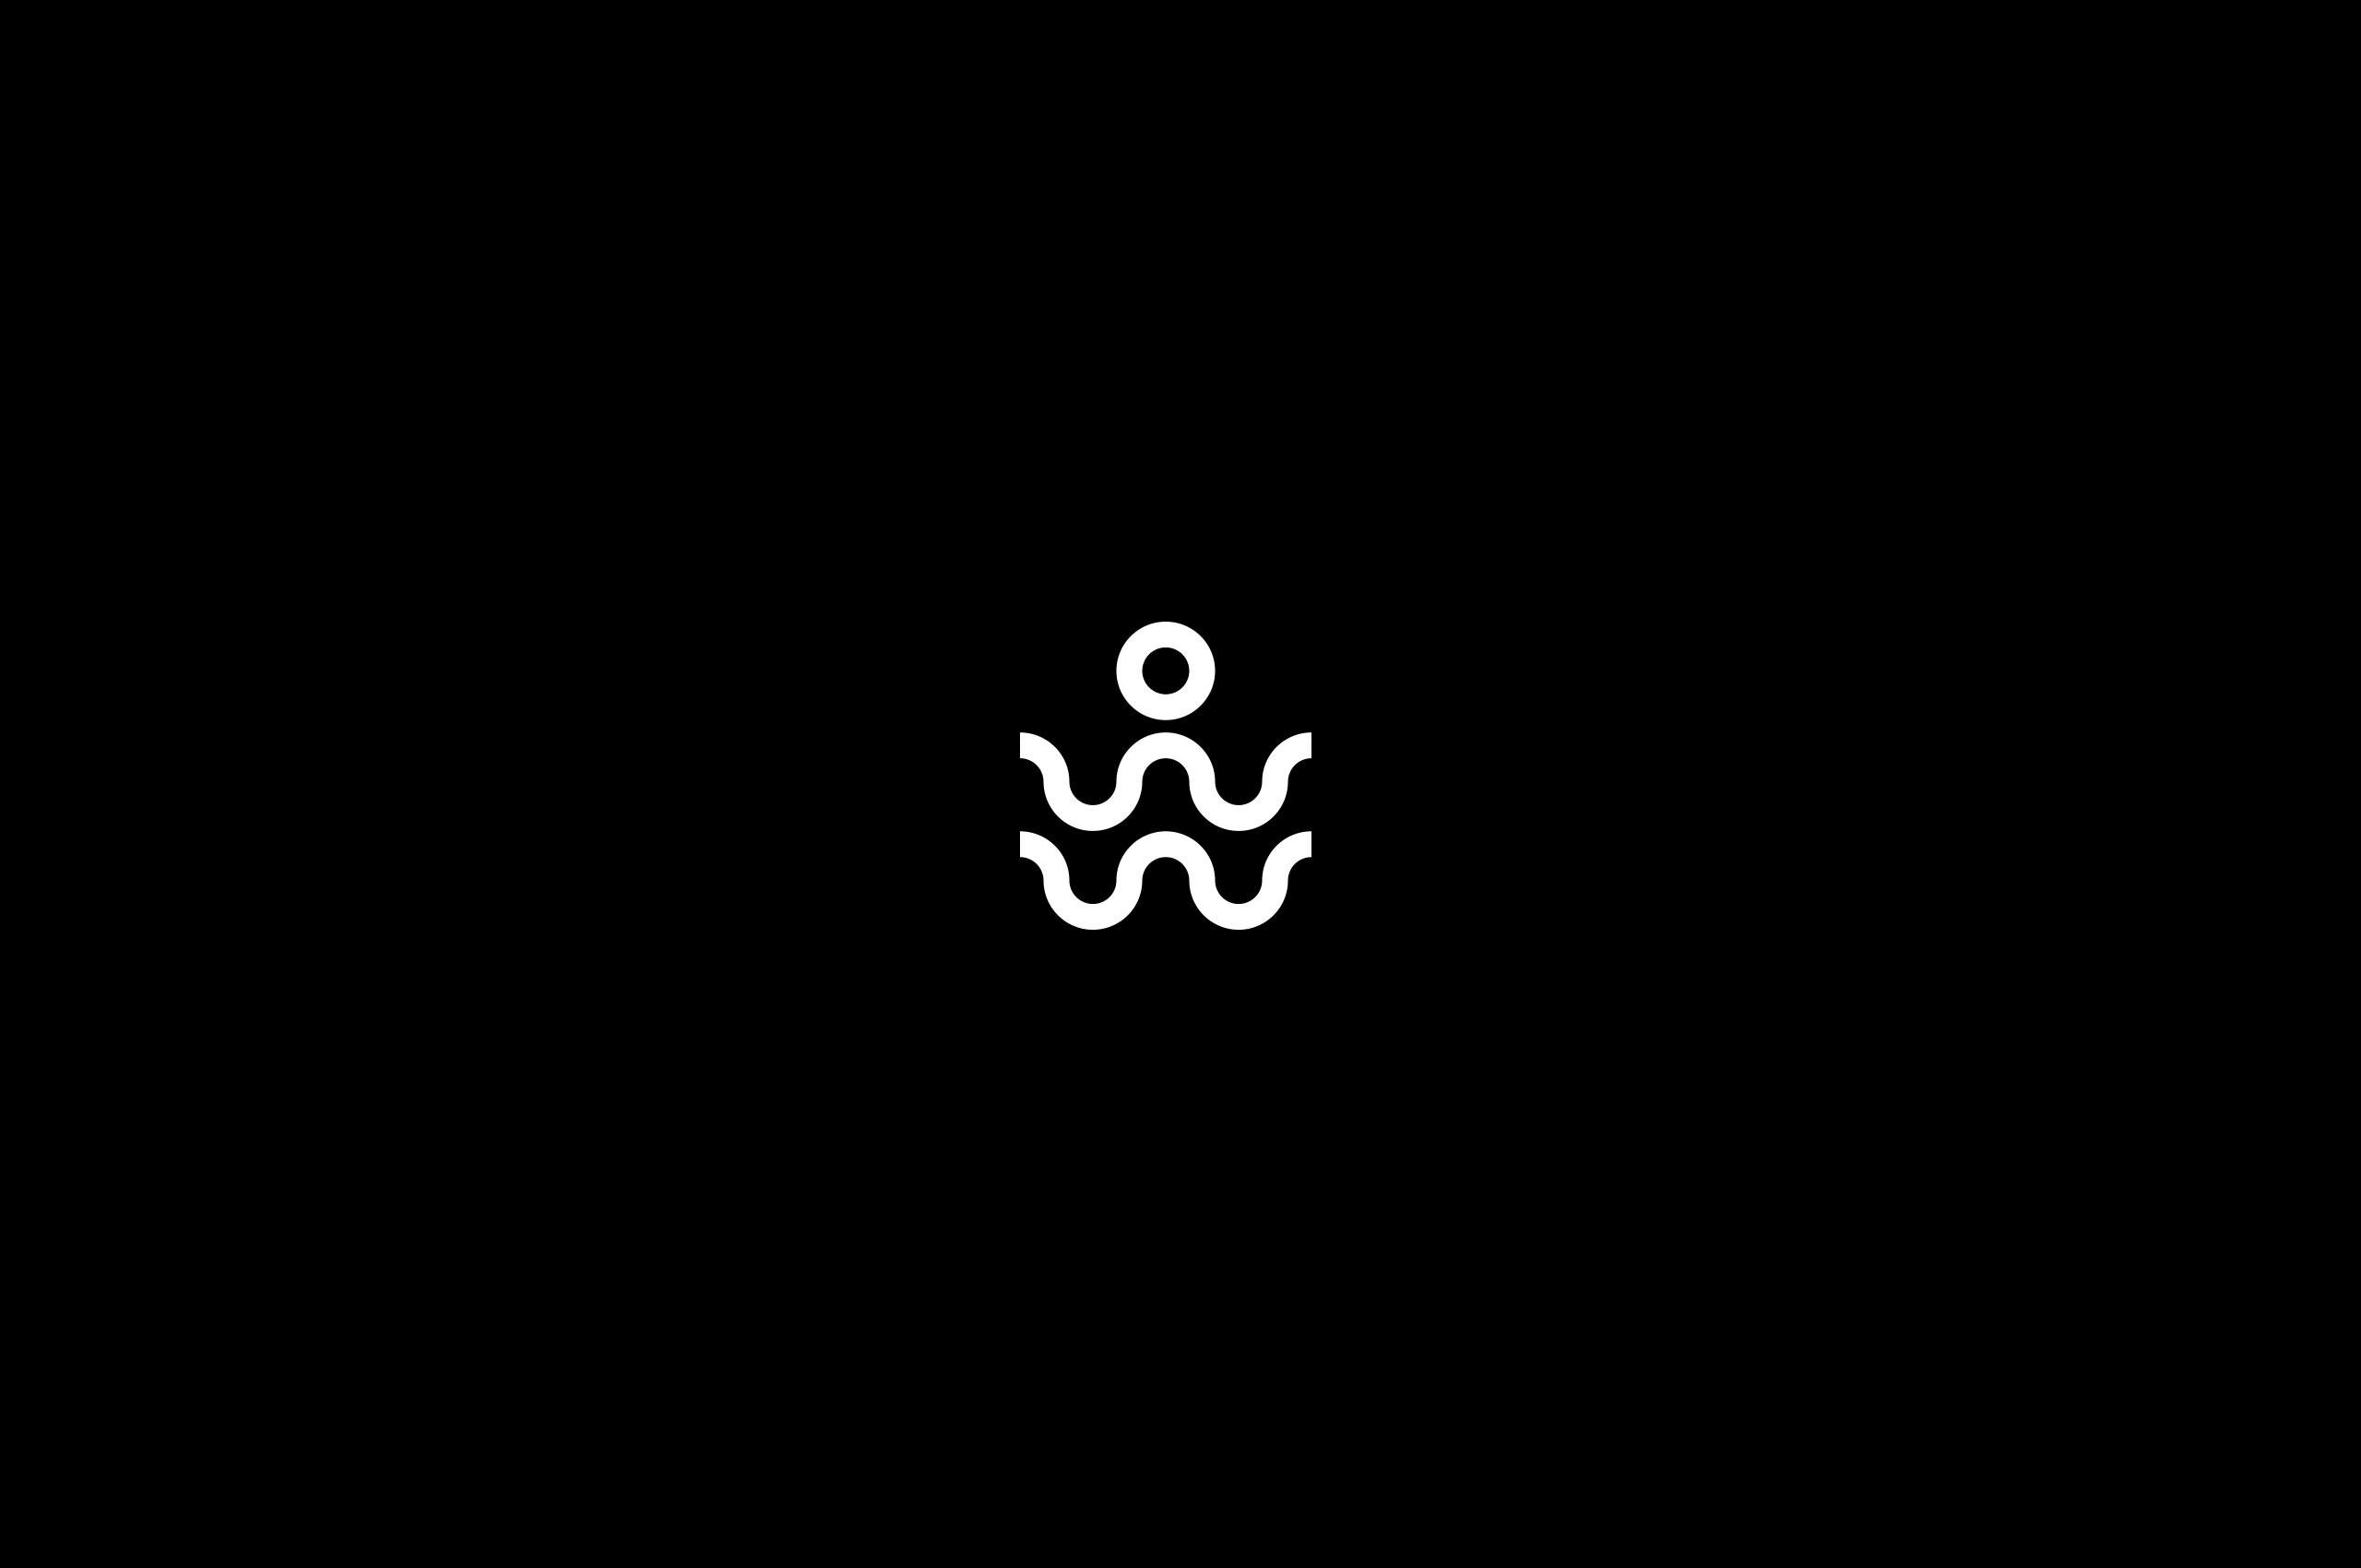 logocollection-2021-13